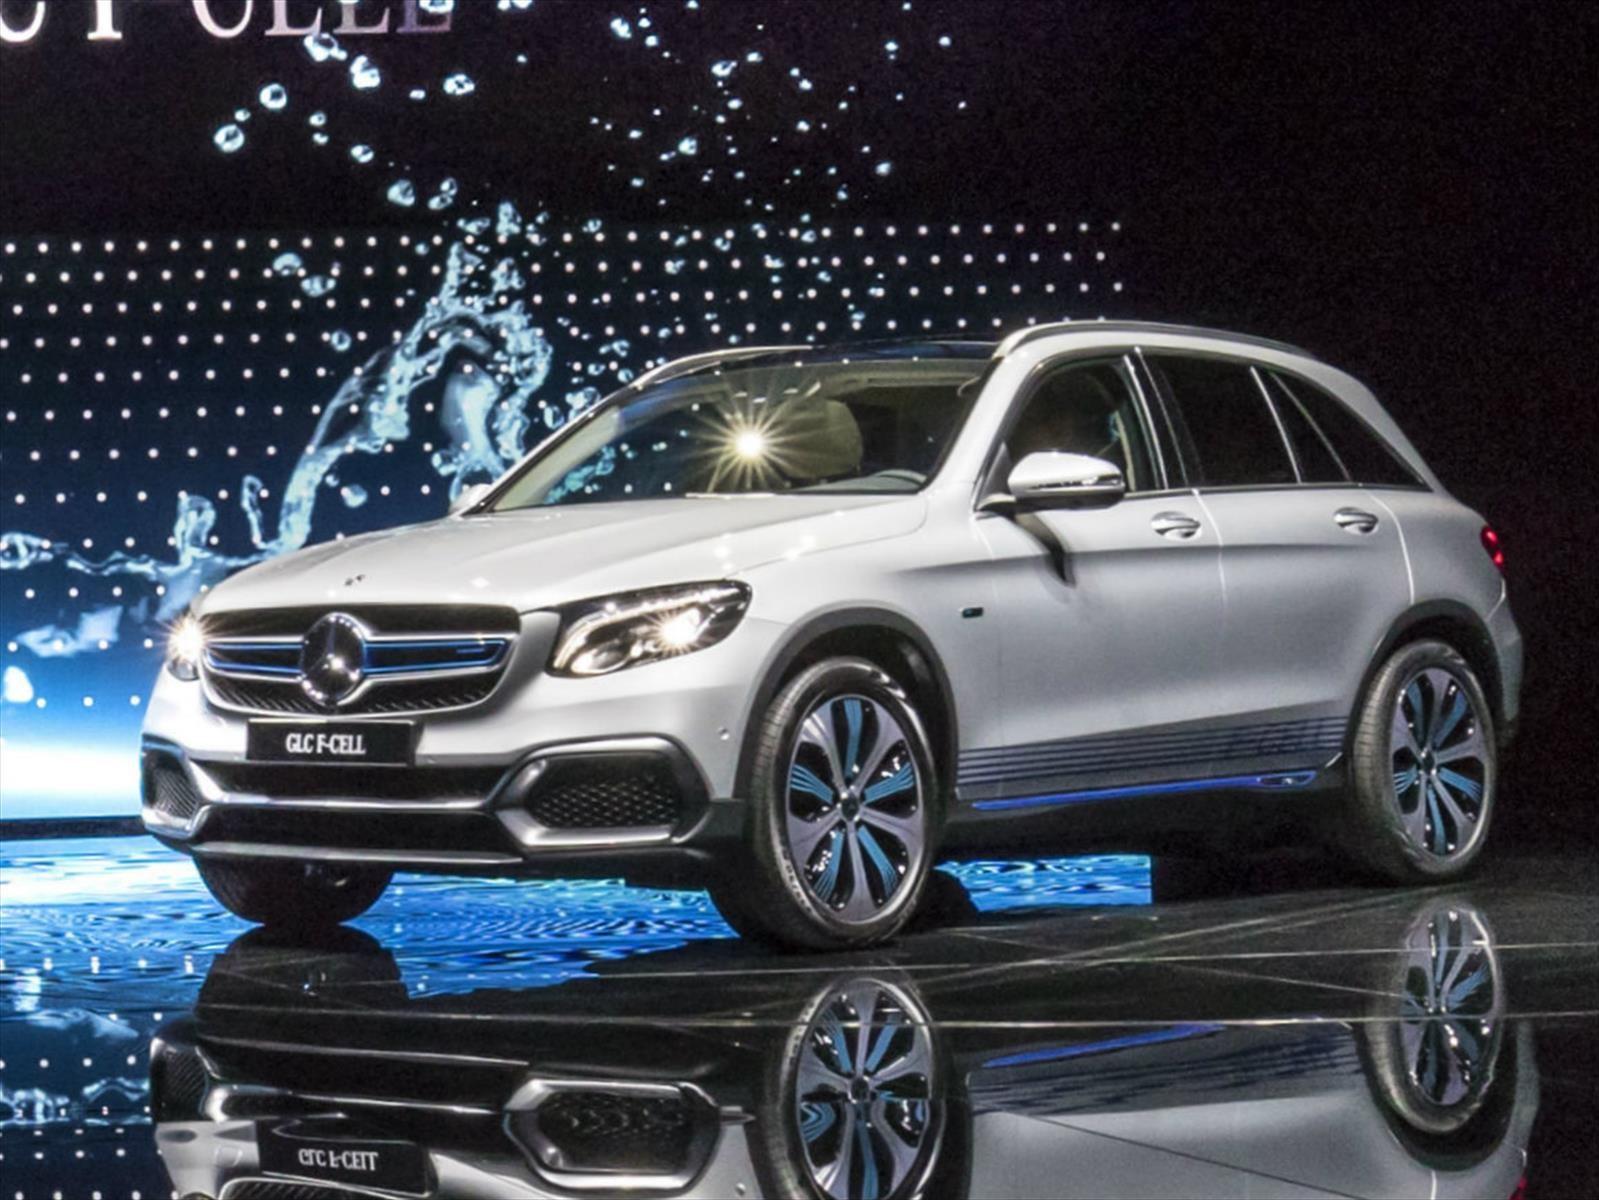 Mercedes-Benz GLC F-Cell, debuta con propulsión híbrida plug-in y pila de combustible